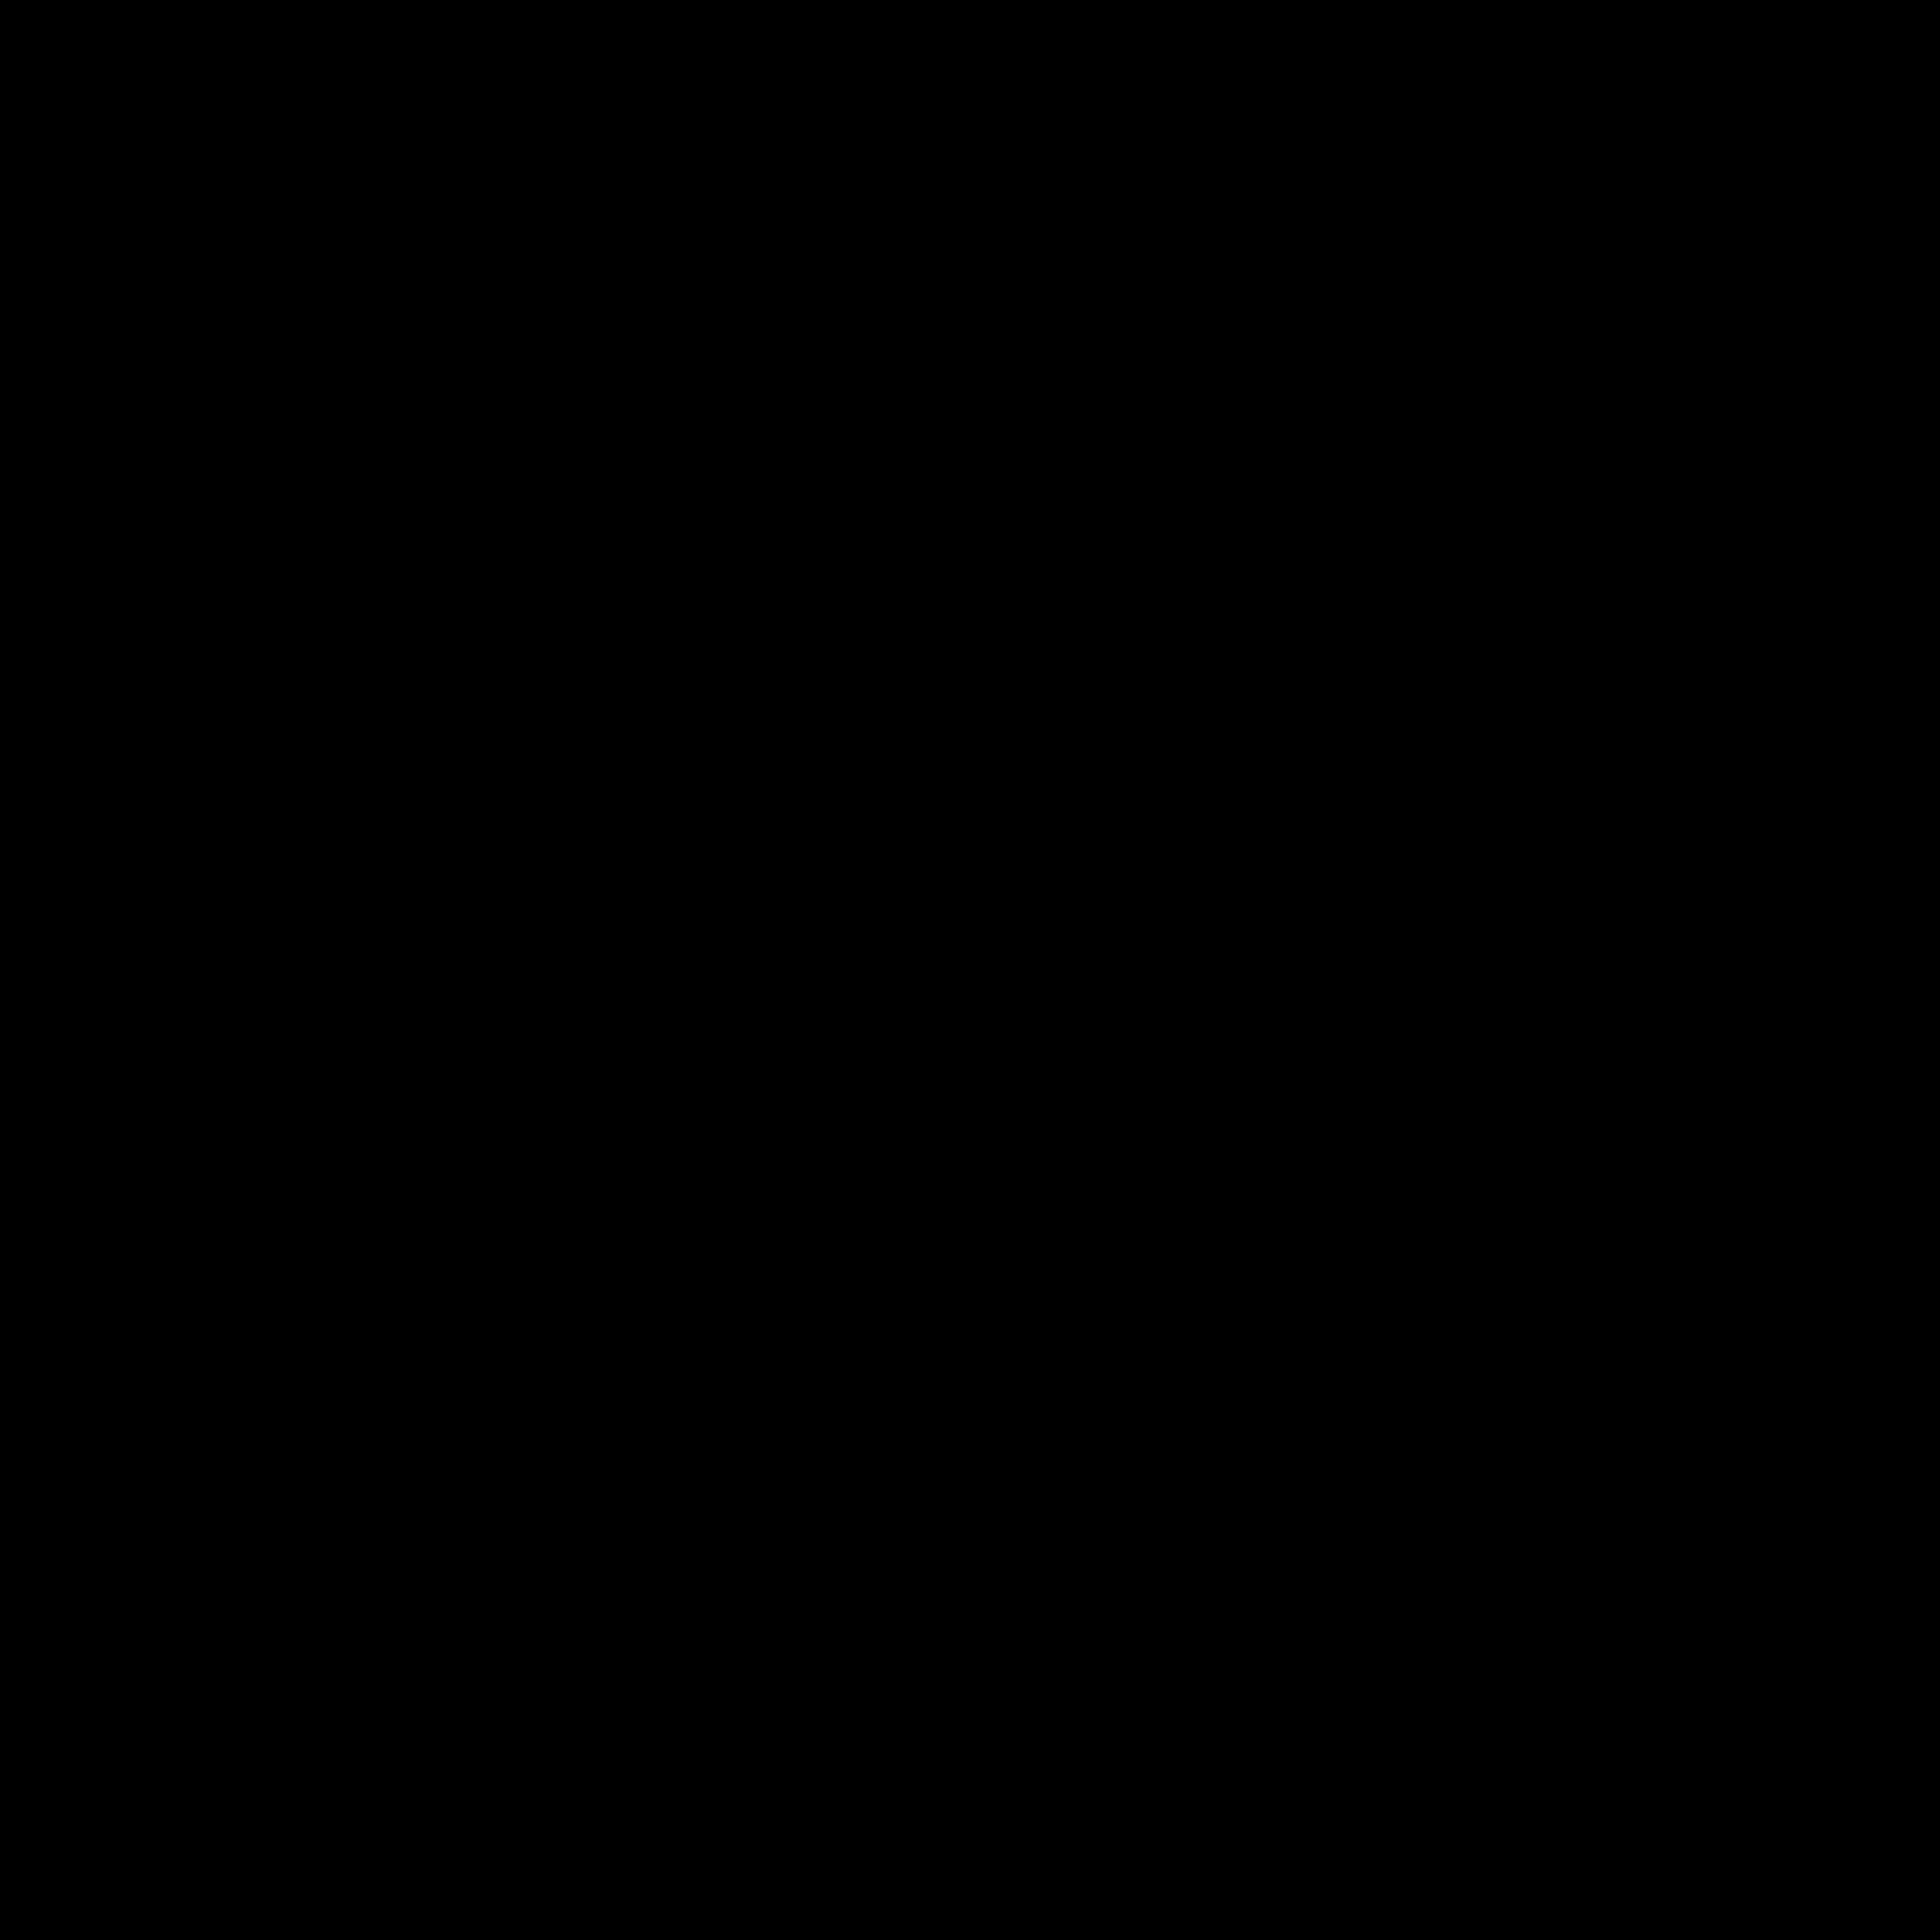 VSil918